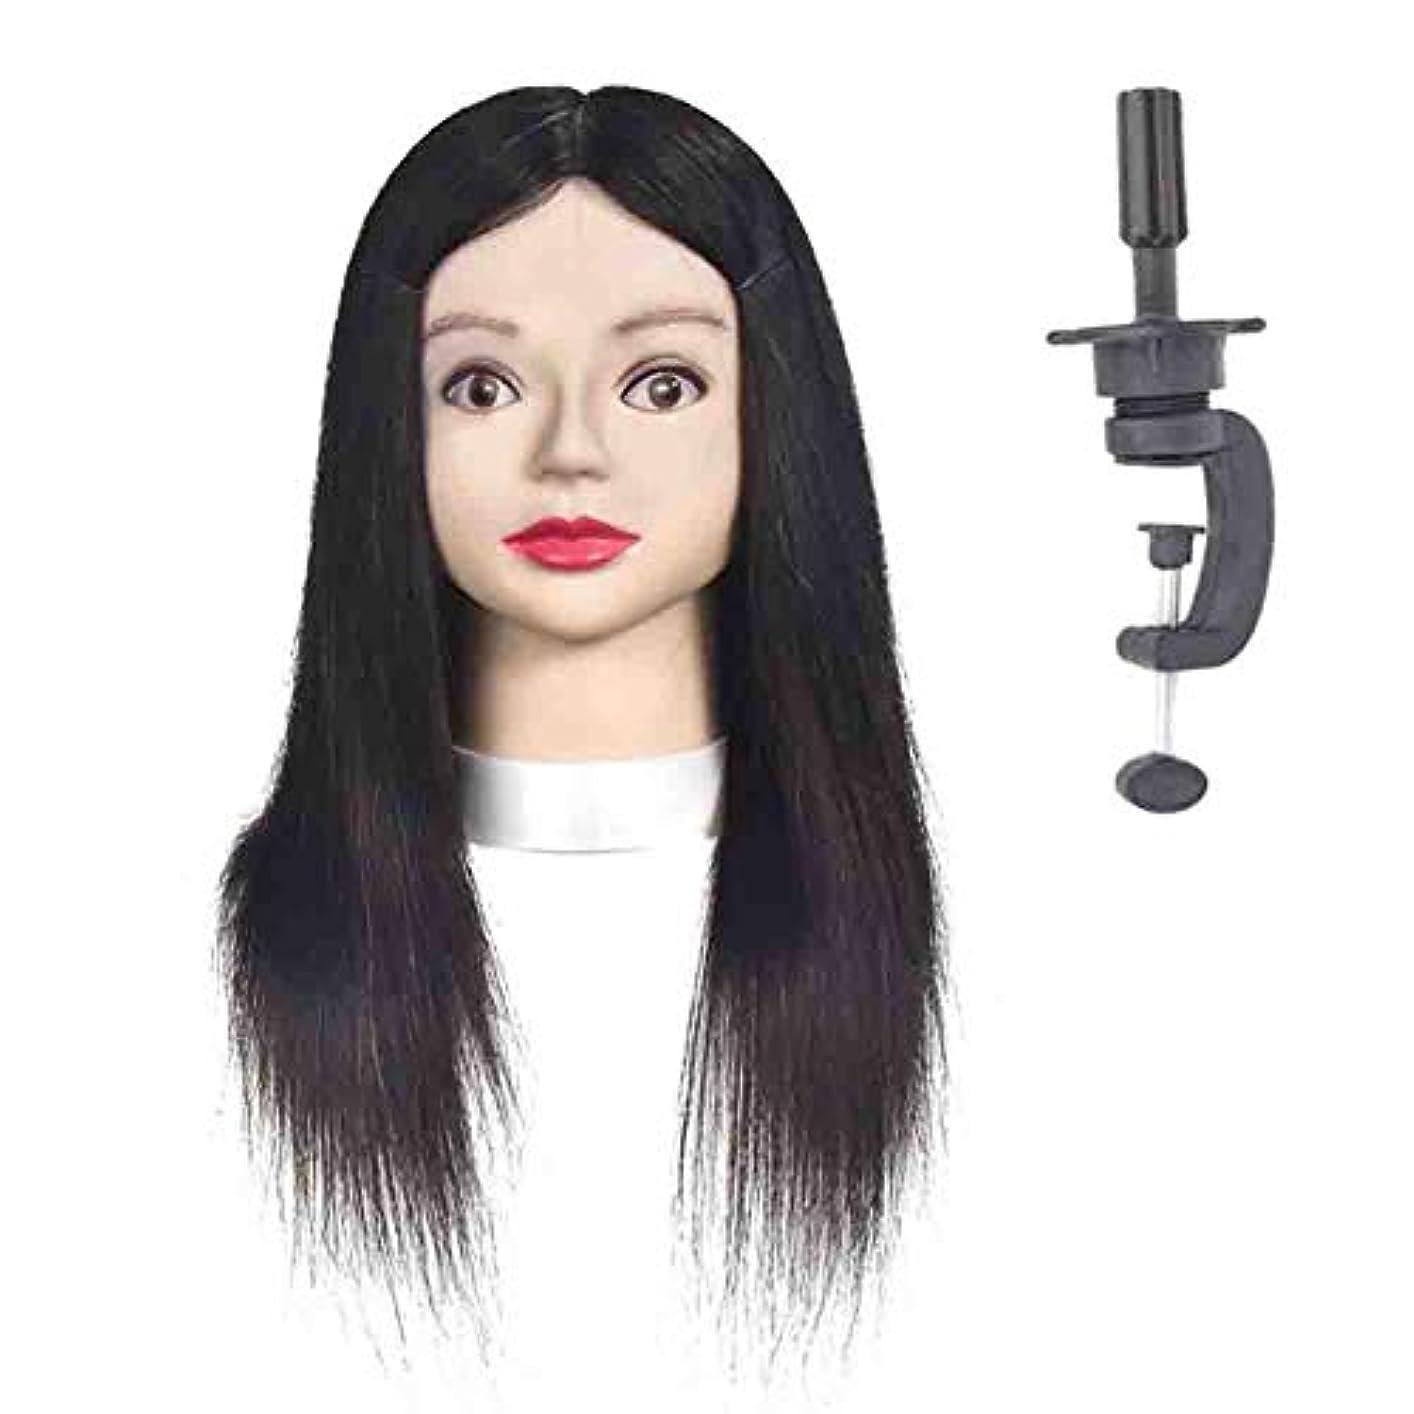 調和ゴミディスカウントリアルヘアシルク編組ヘアスタイリングヘッドモデル理髪店理髪ダミーヘッドメイクアップ練習マネキンヘッド